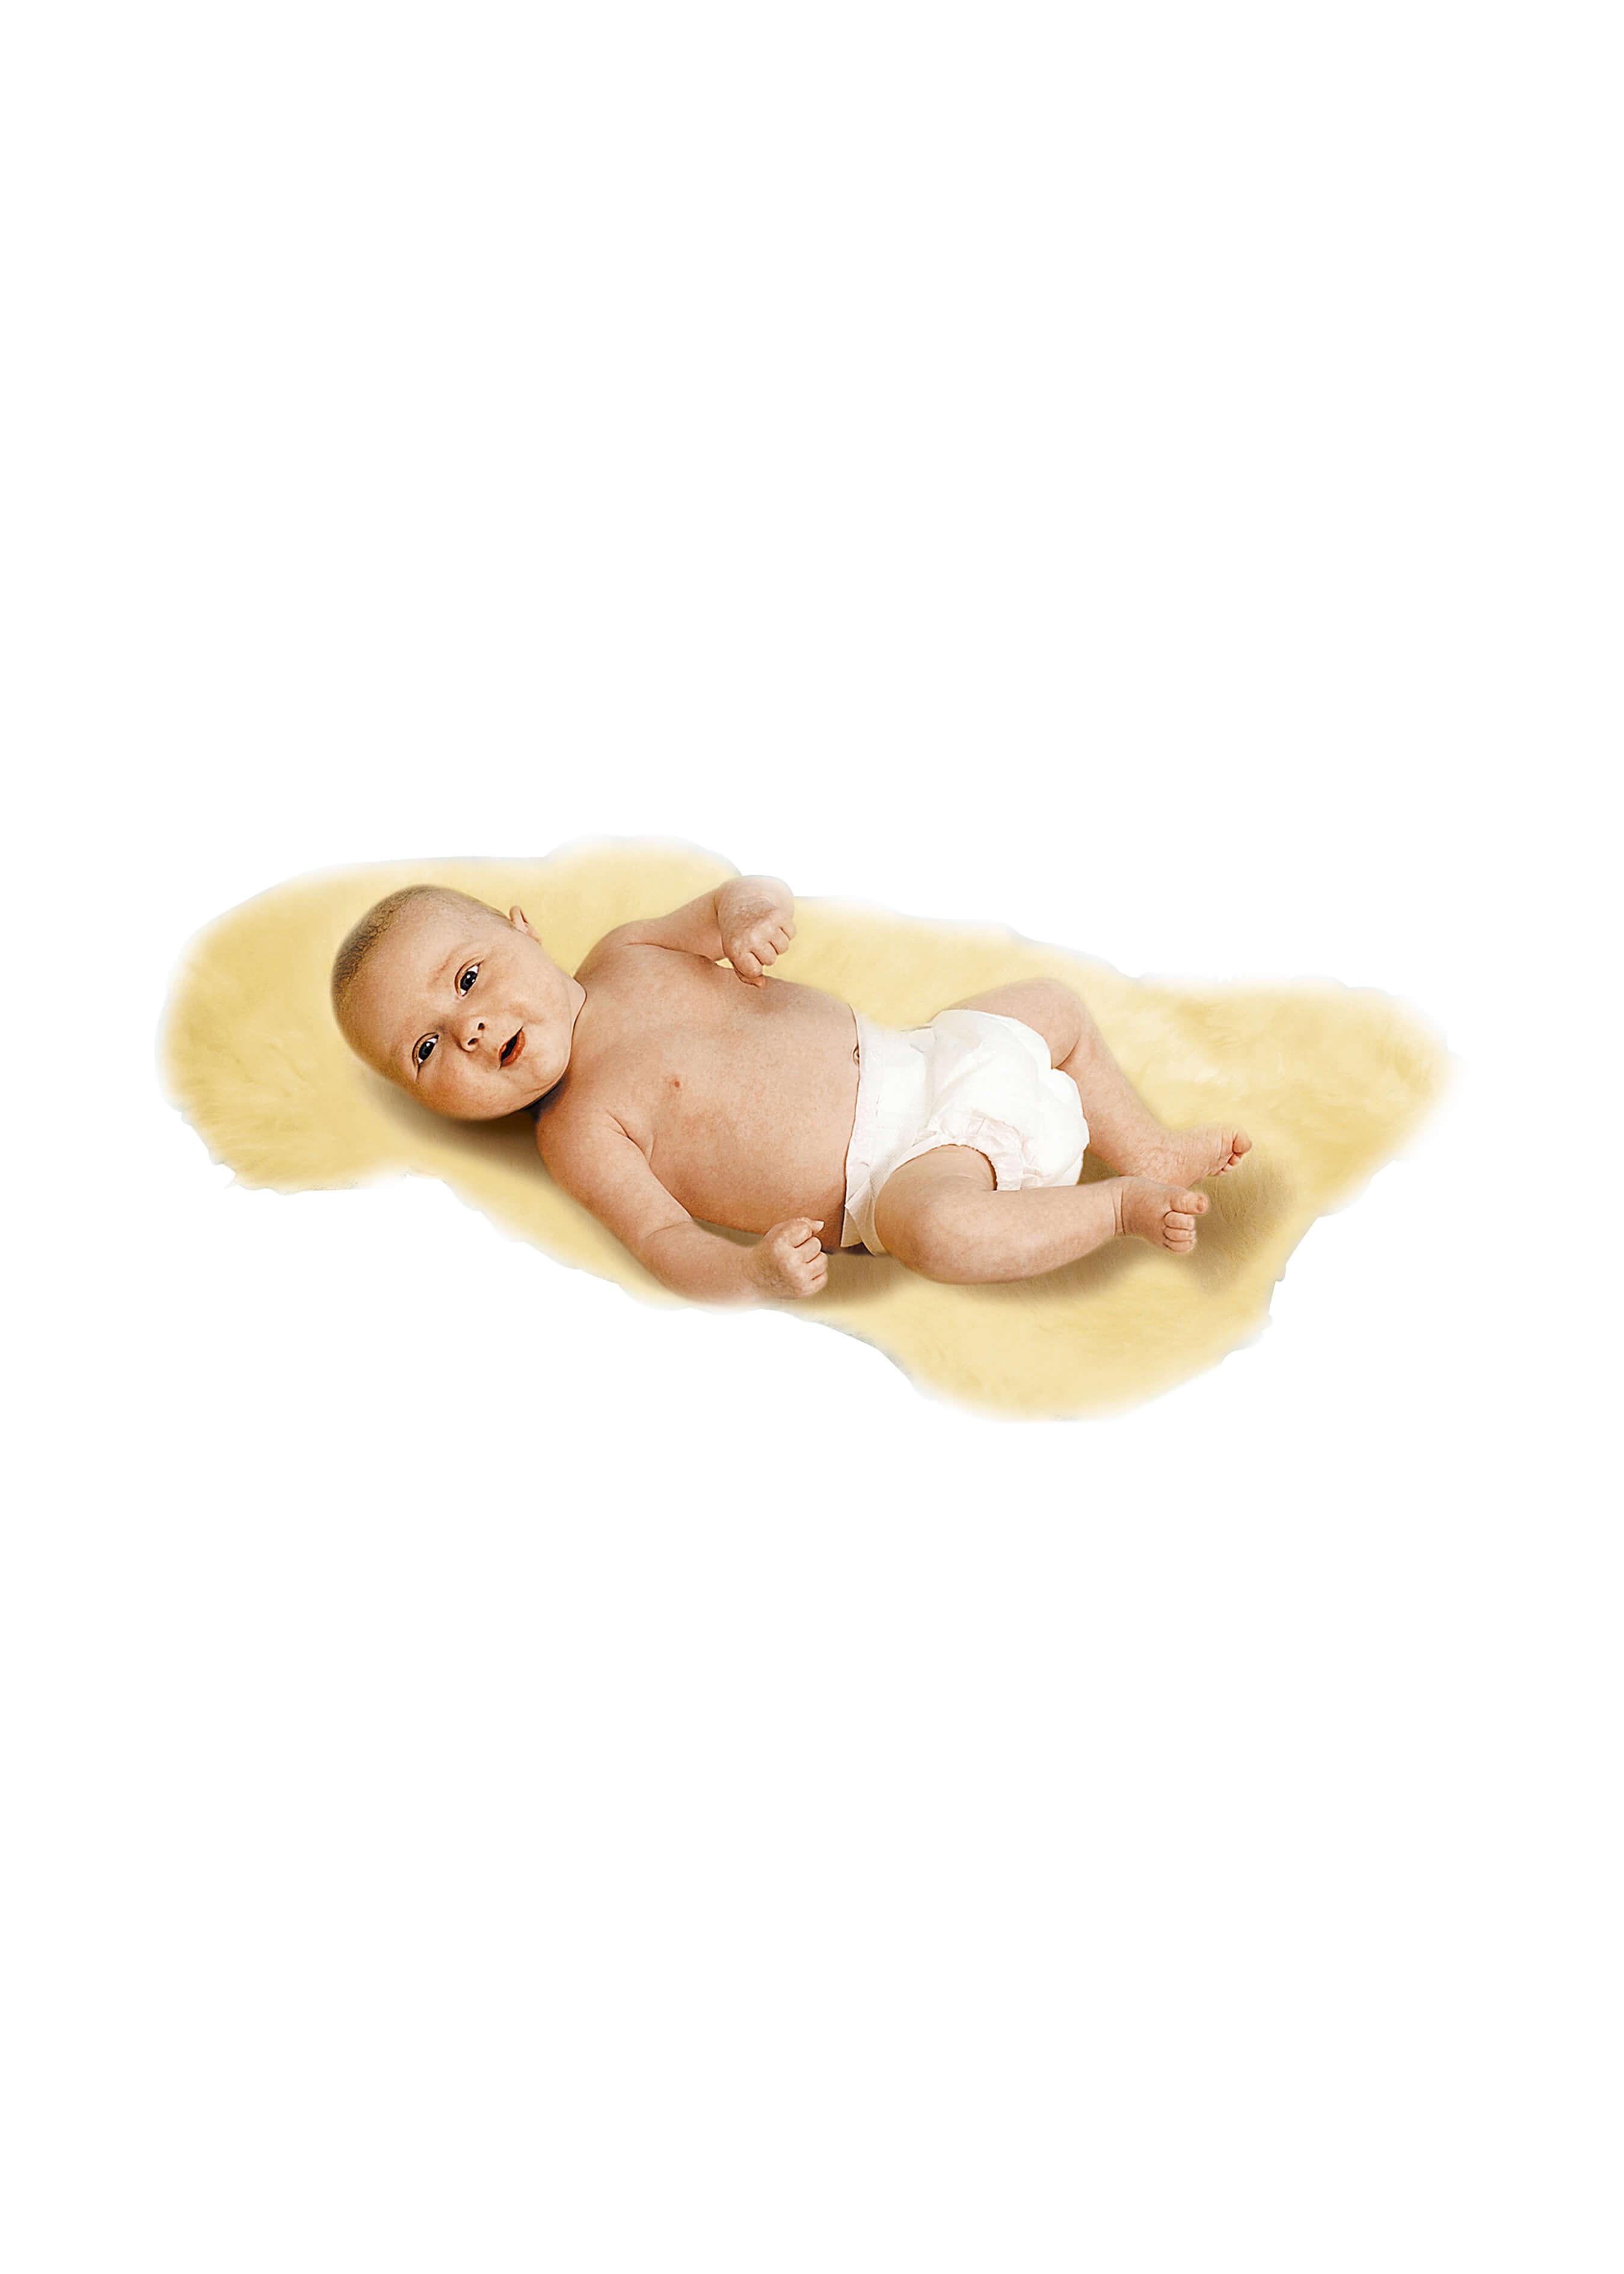 Baby-Lammfell geschoren L2163 1